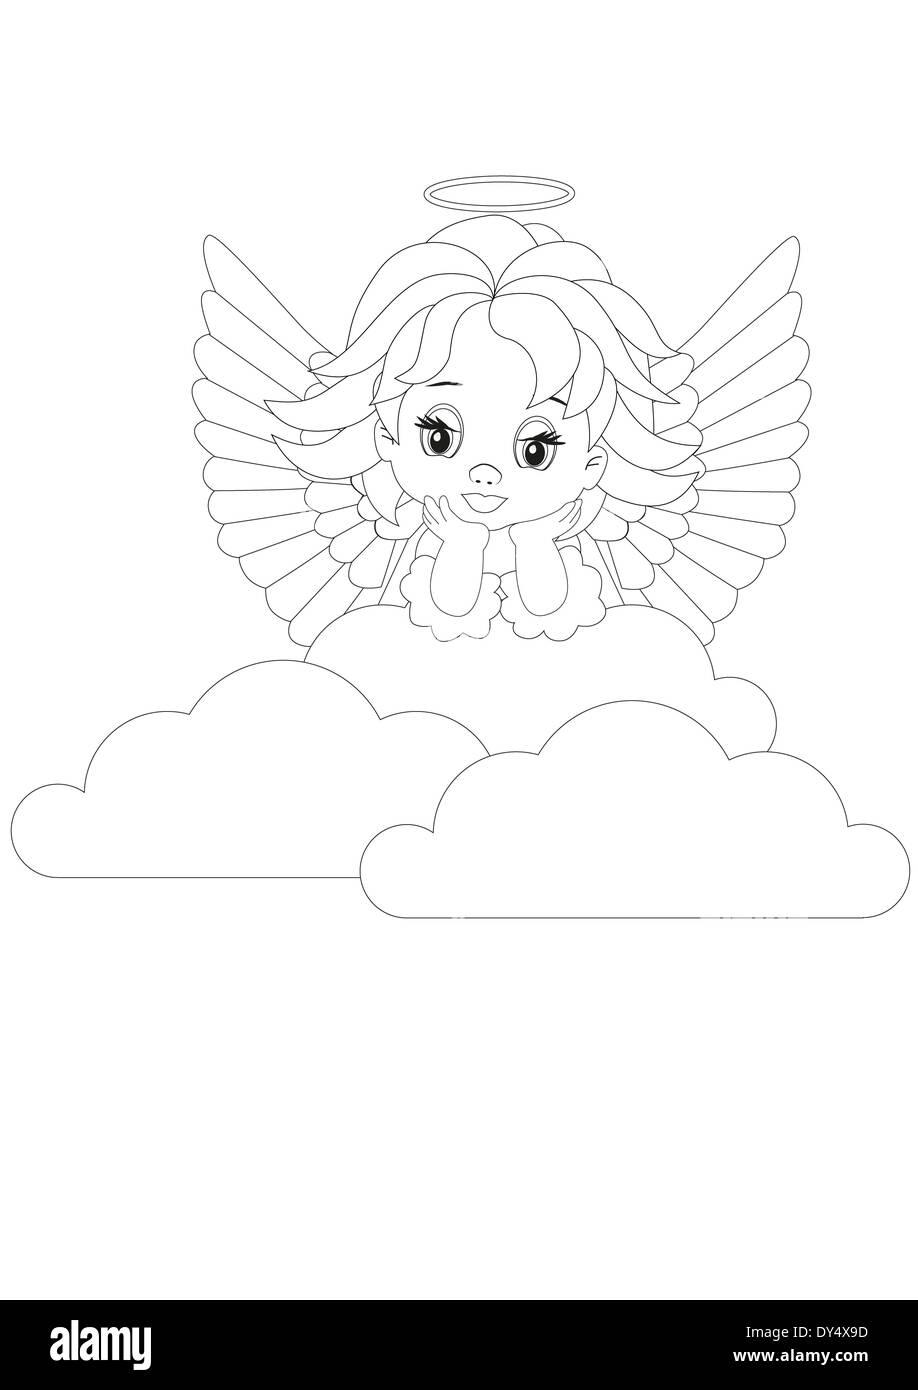 Vistoso Colorear Nubes De Páginas Ornamento - Dibujos Para Colorear ...